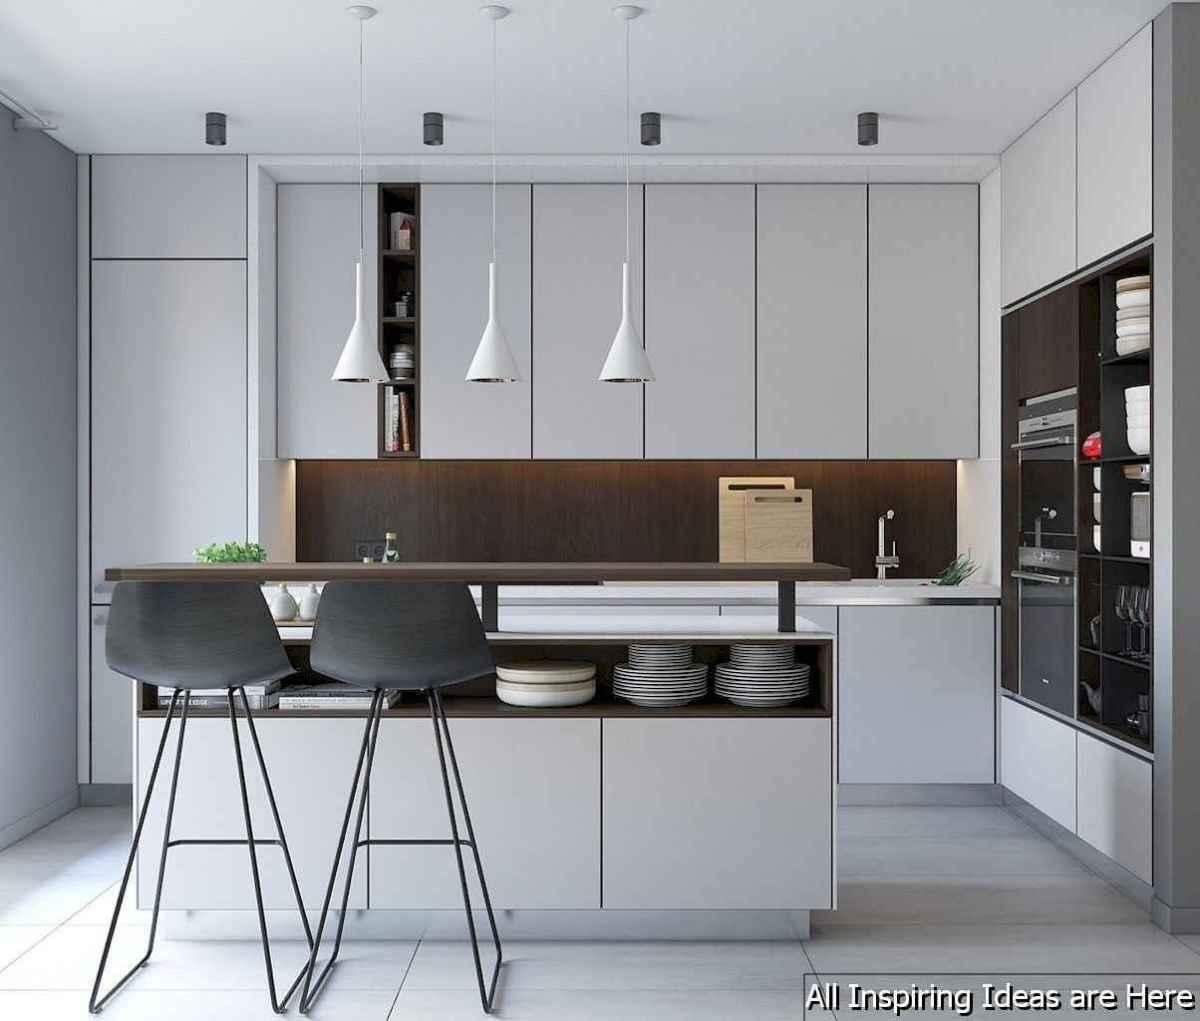 10 best kitchen ideas and design